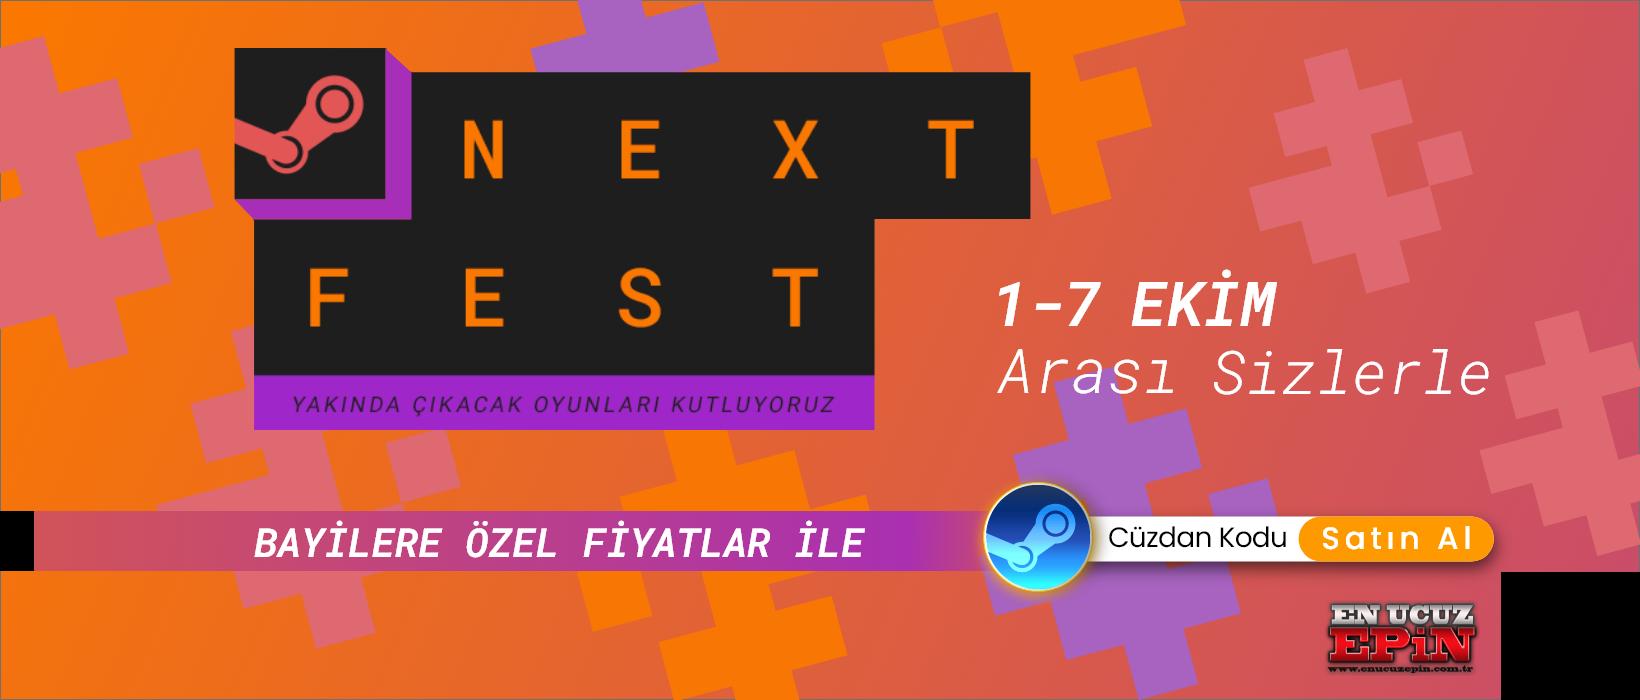 Steam Next Fest sizlerle 1-7 EKİM ARASI Sizlerle - EnucuzEpin Bayilere özel fiyatlar ile alışveriş yapın.png